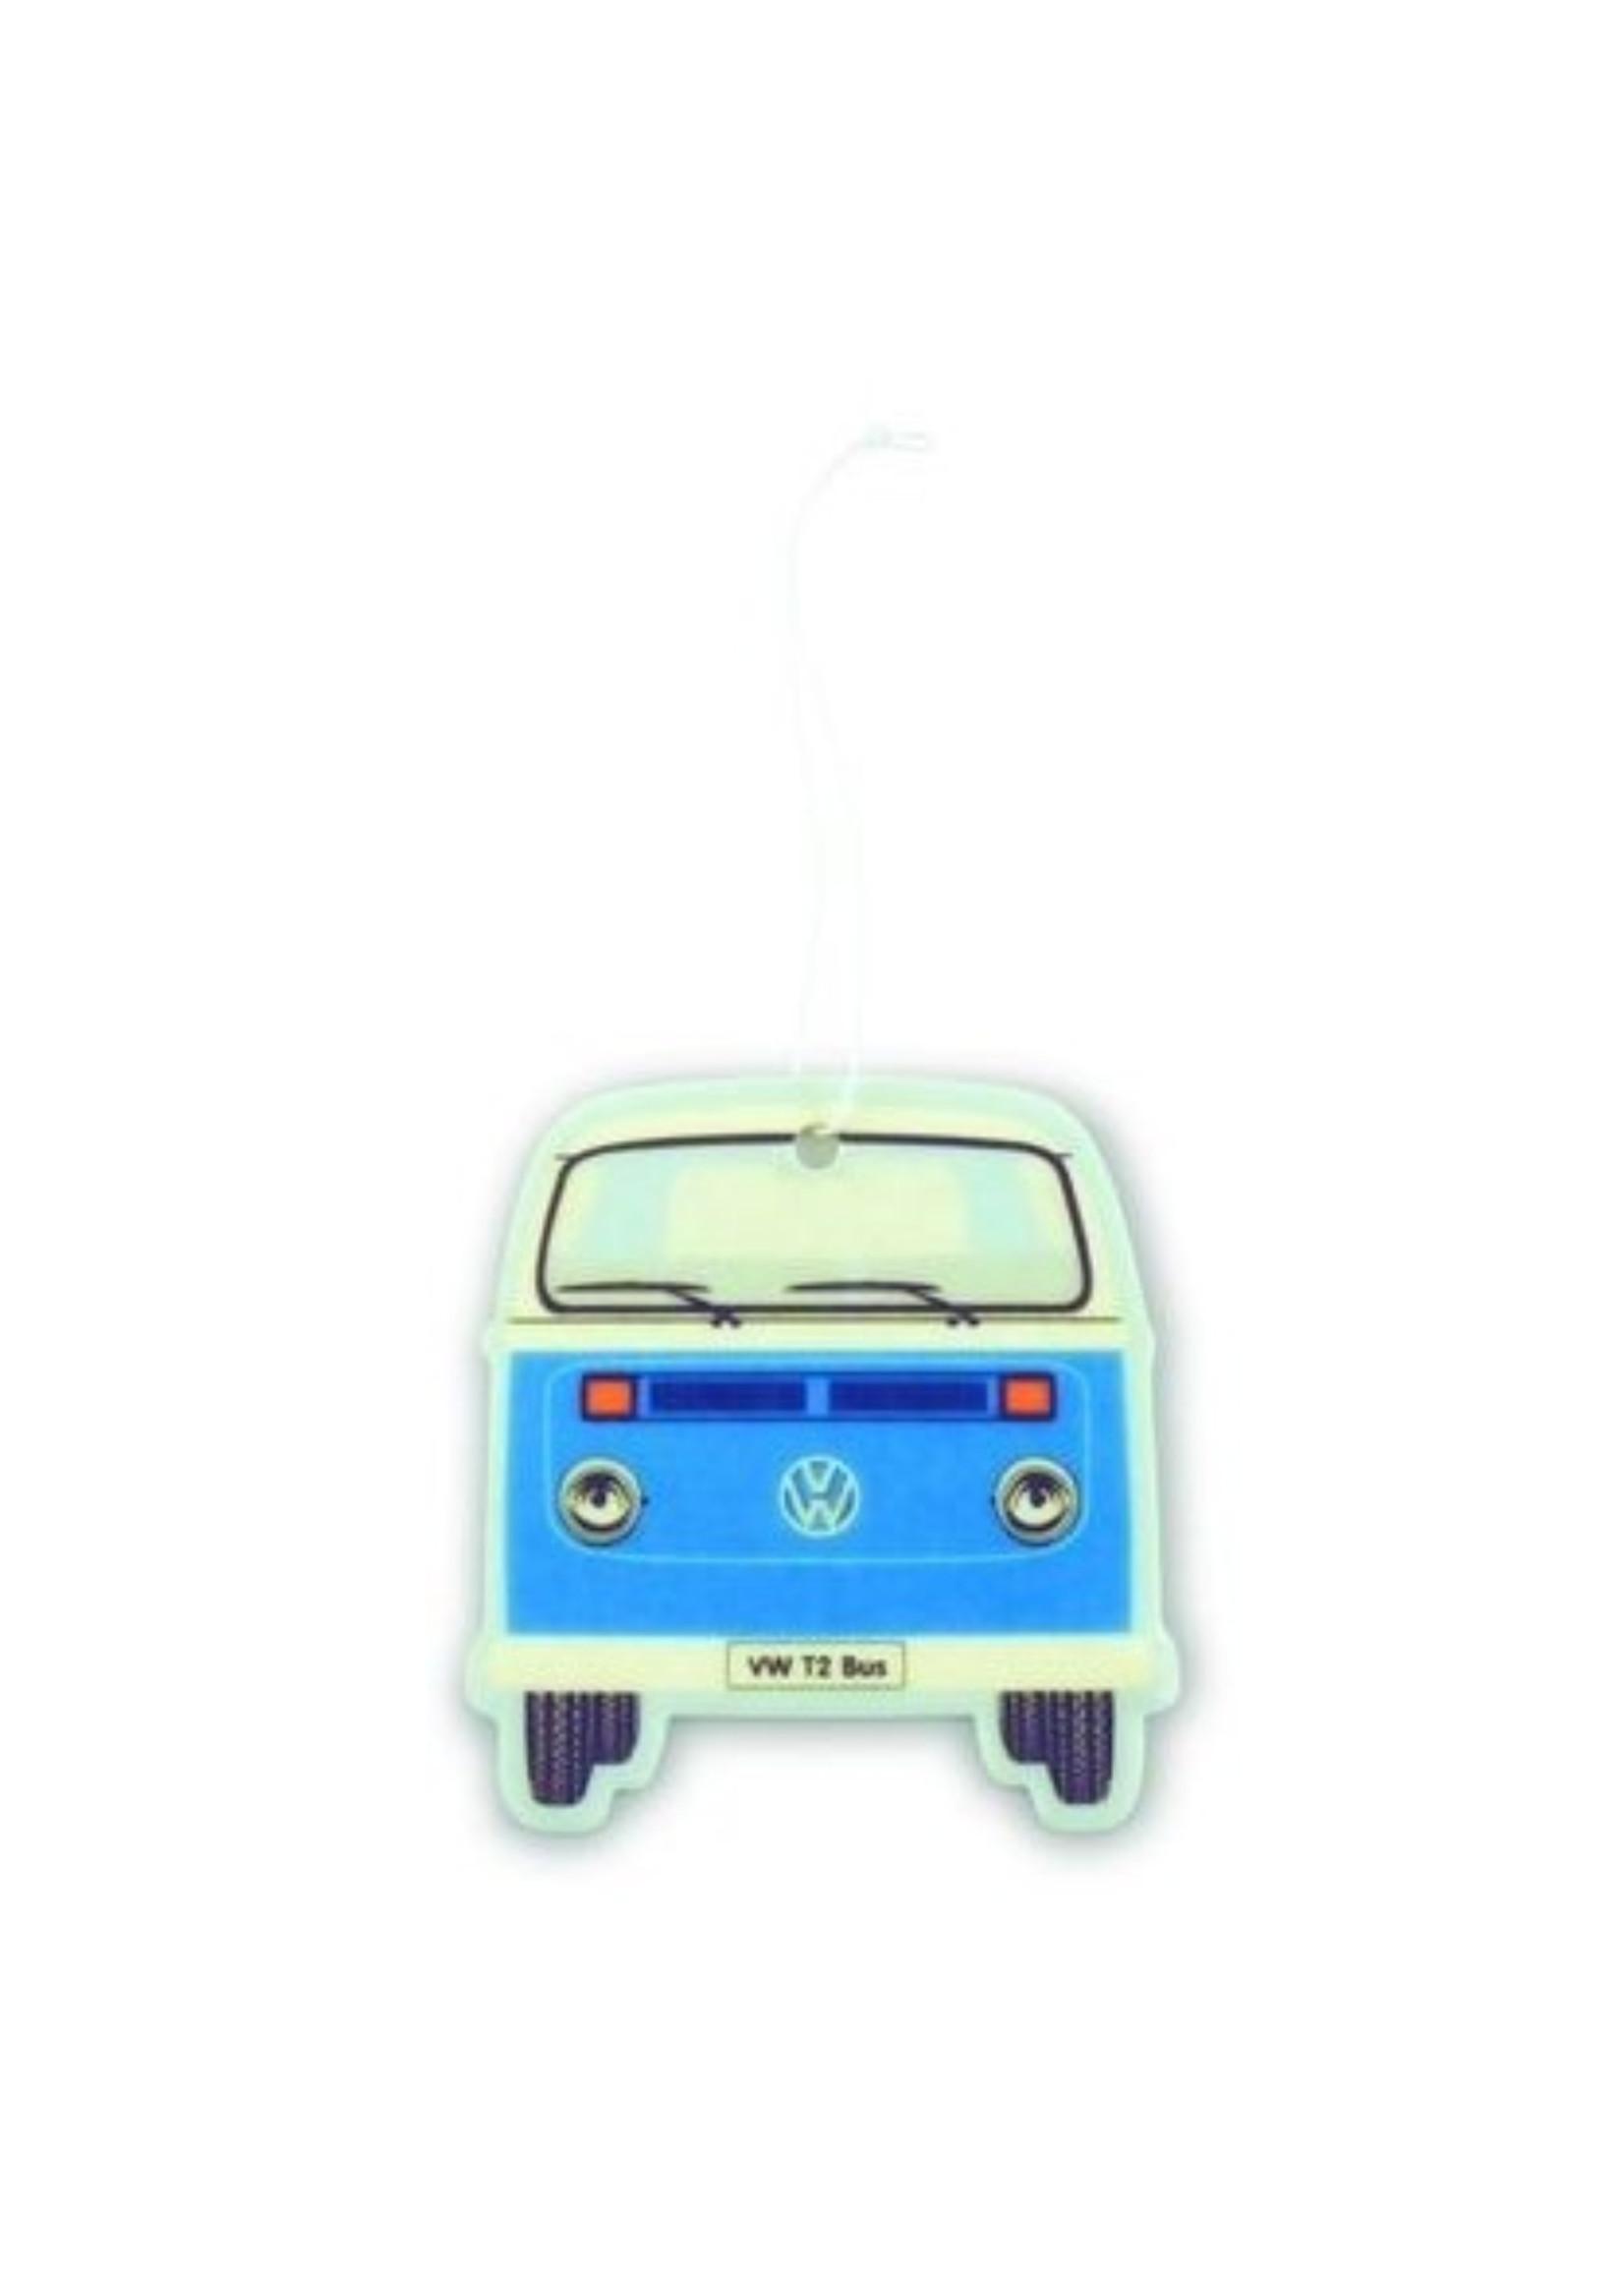 Volkswagen Volkswagen T2 Bus Air Freshener in Blue